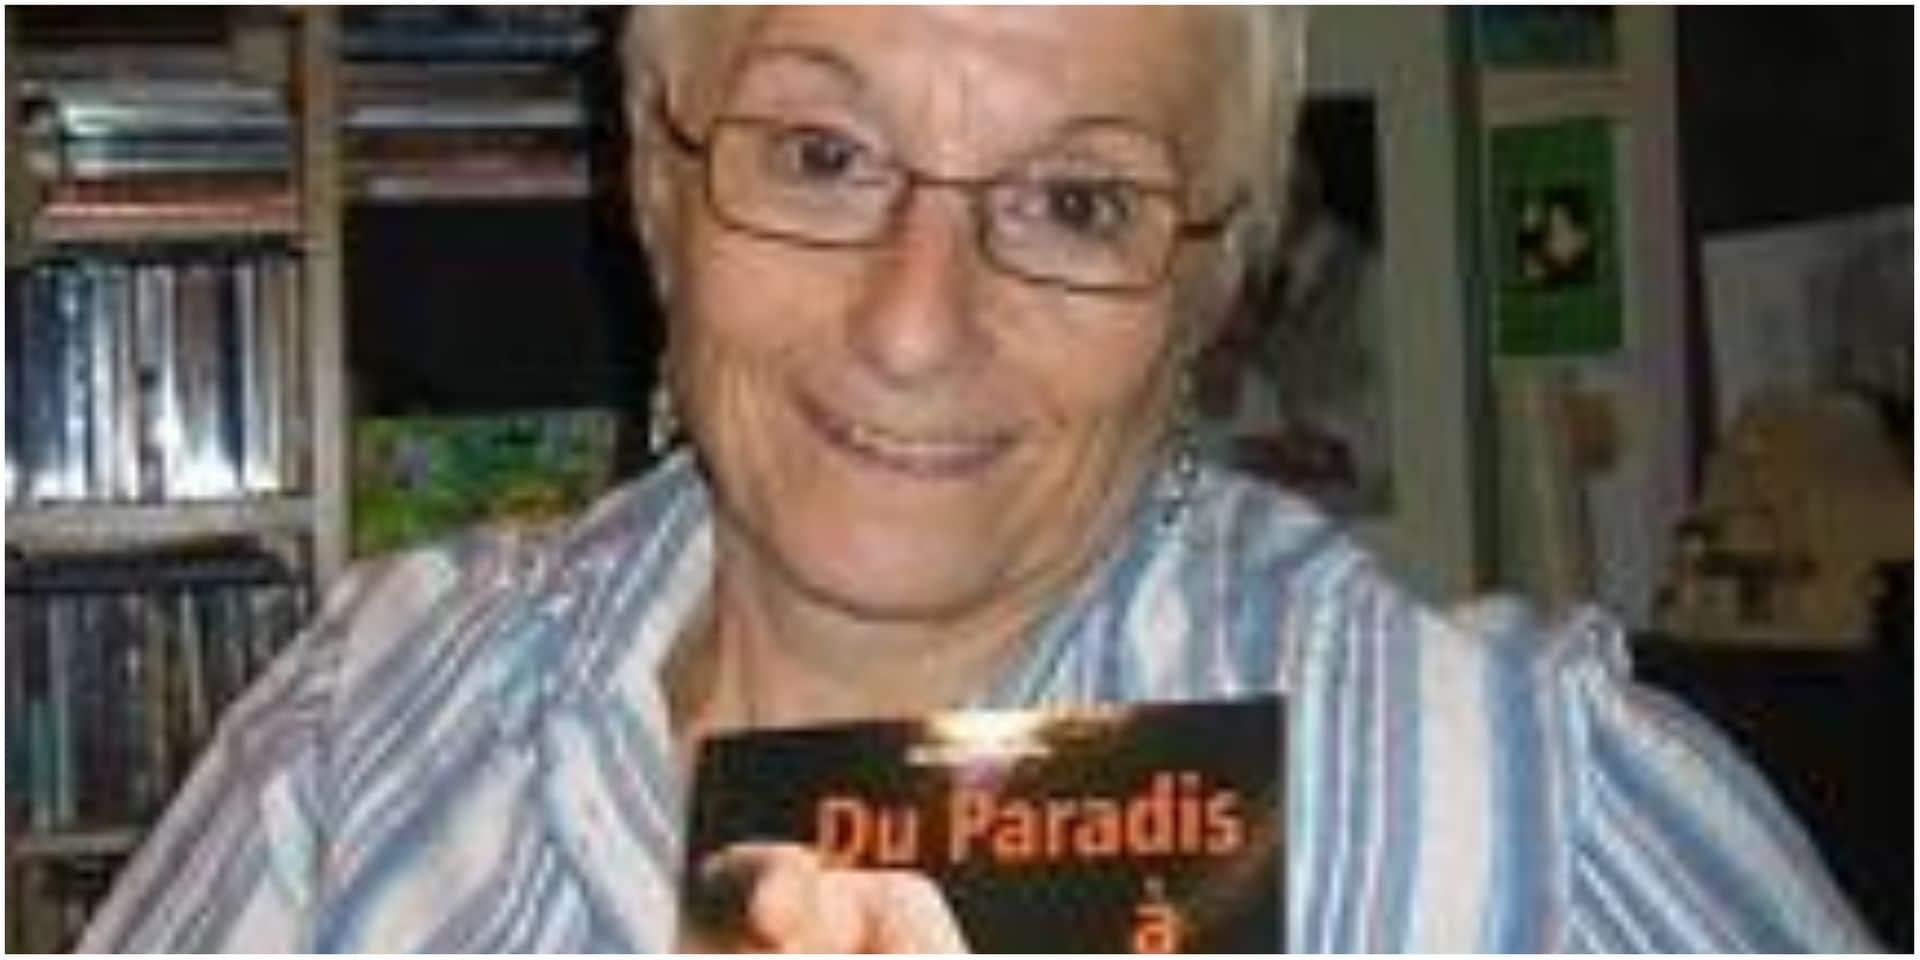 """Michèle a passé 23 ans chez les Témoins de Jéhovah, aujourd'hui, elle s'inquiète : """"En Belgique, il n'y a plus rien, on laisse les sectes prospérer"""""""